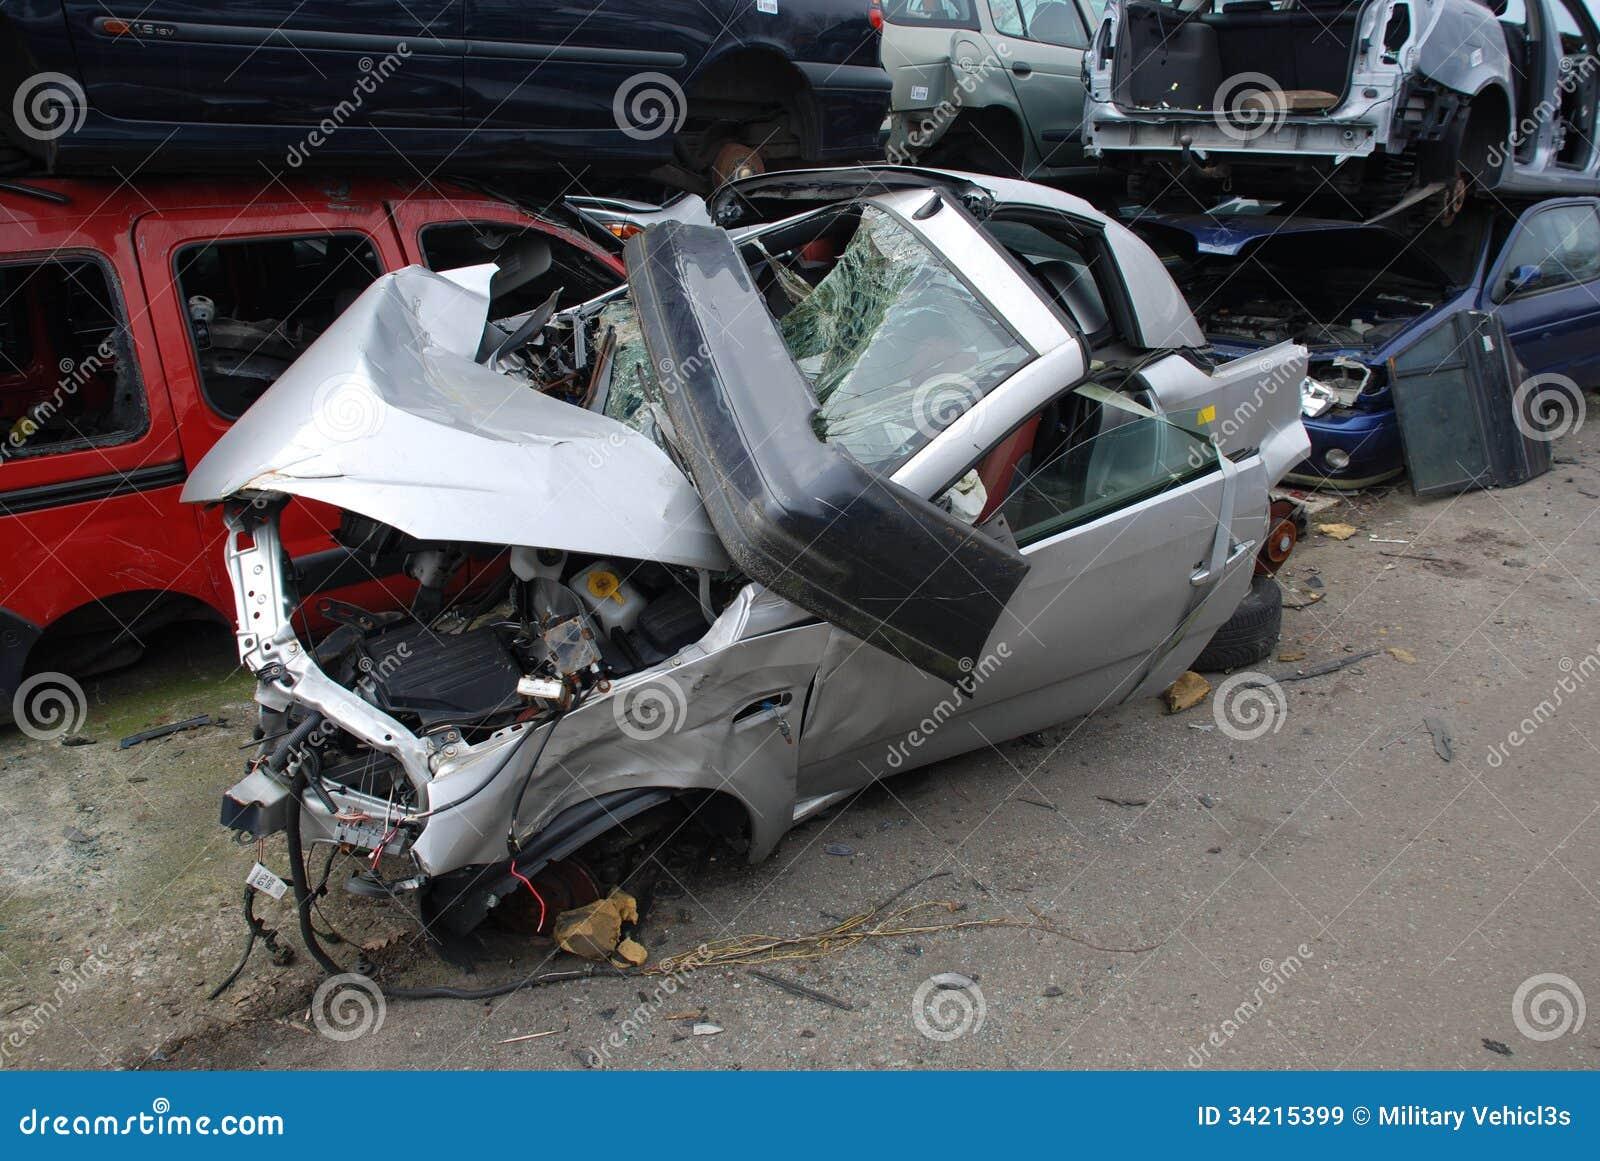 Auto Glass Chip Repair Windscreen Scratch Repair Car